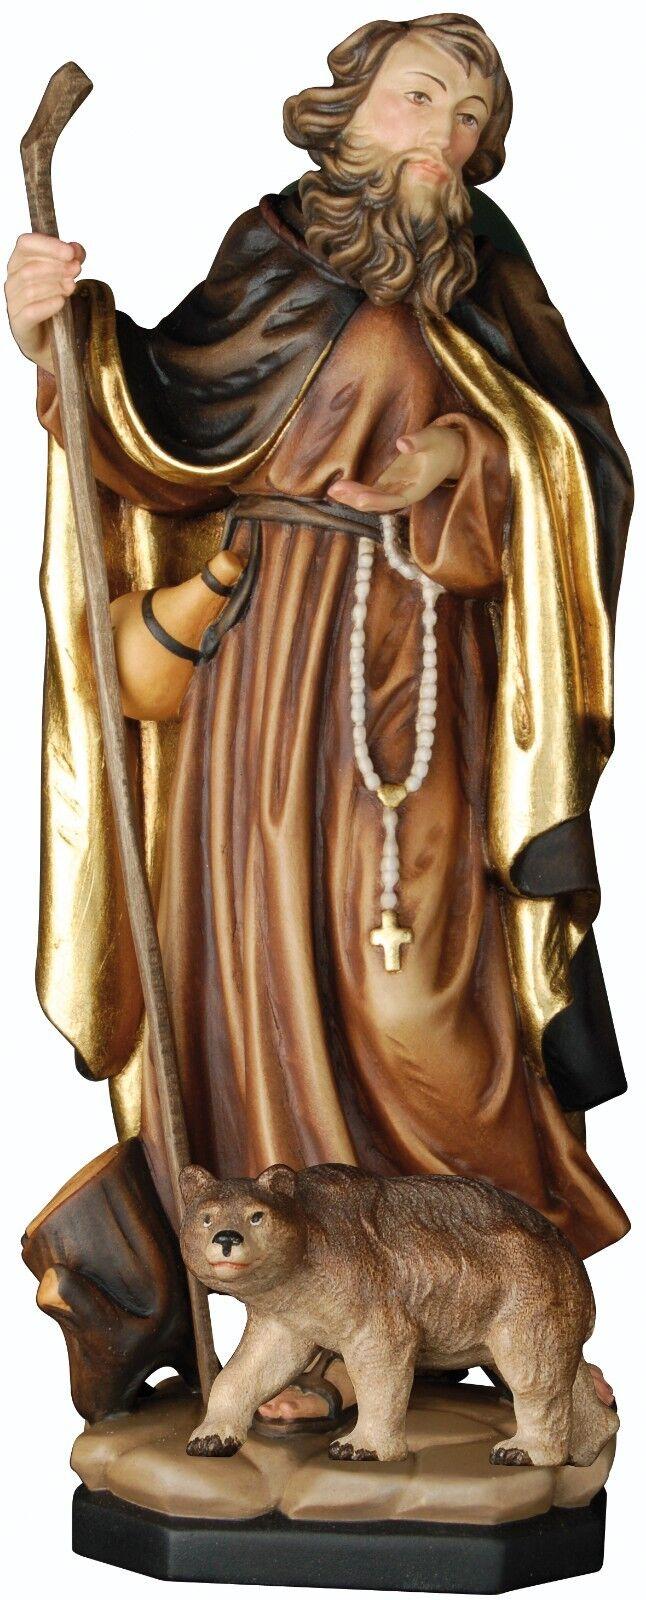 Statue SAN Romedio mit Bär . st. Romedio Romedio Romedio with bear wooden Statuen 3635e1